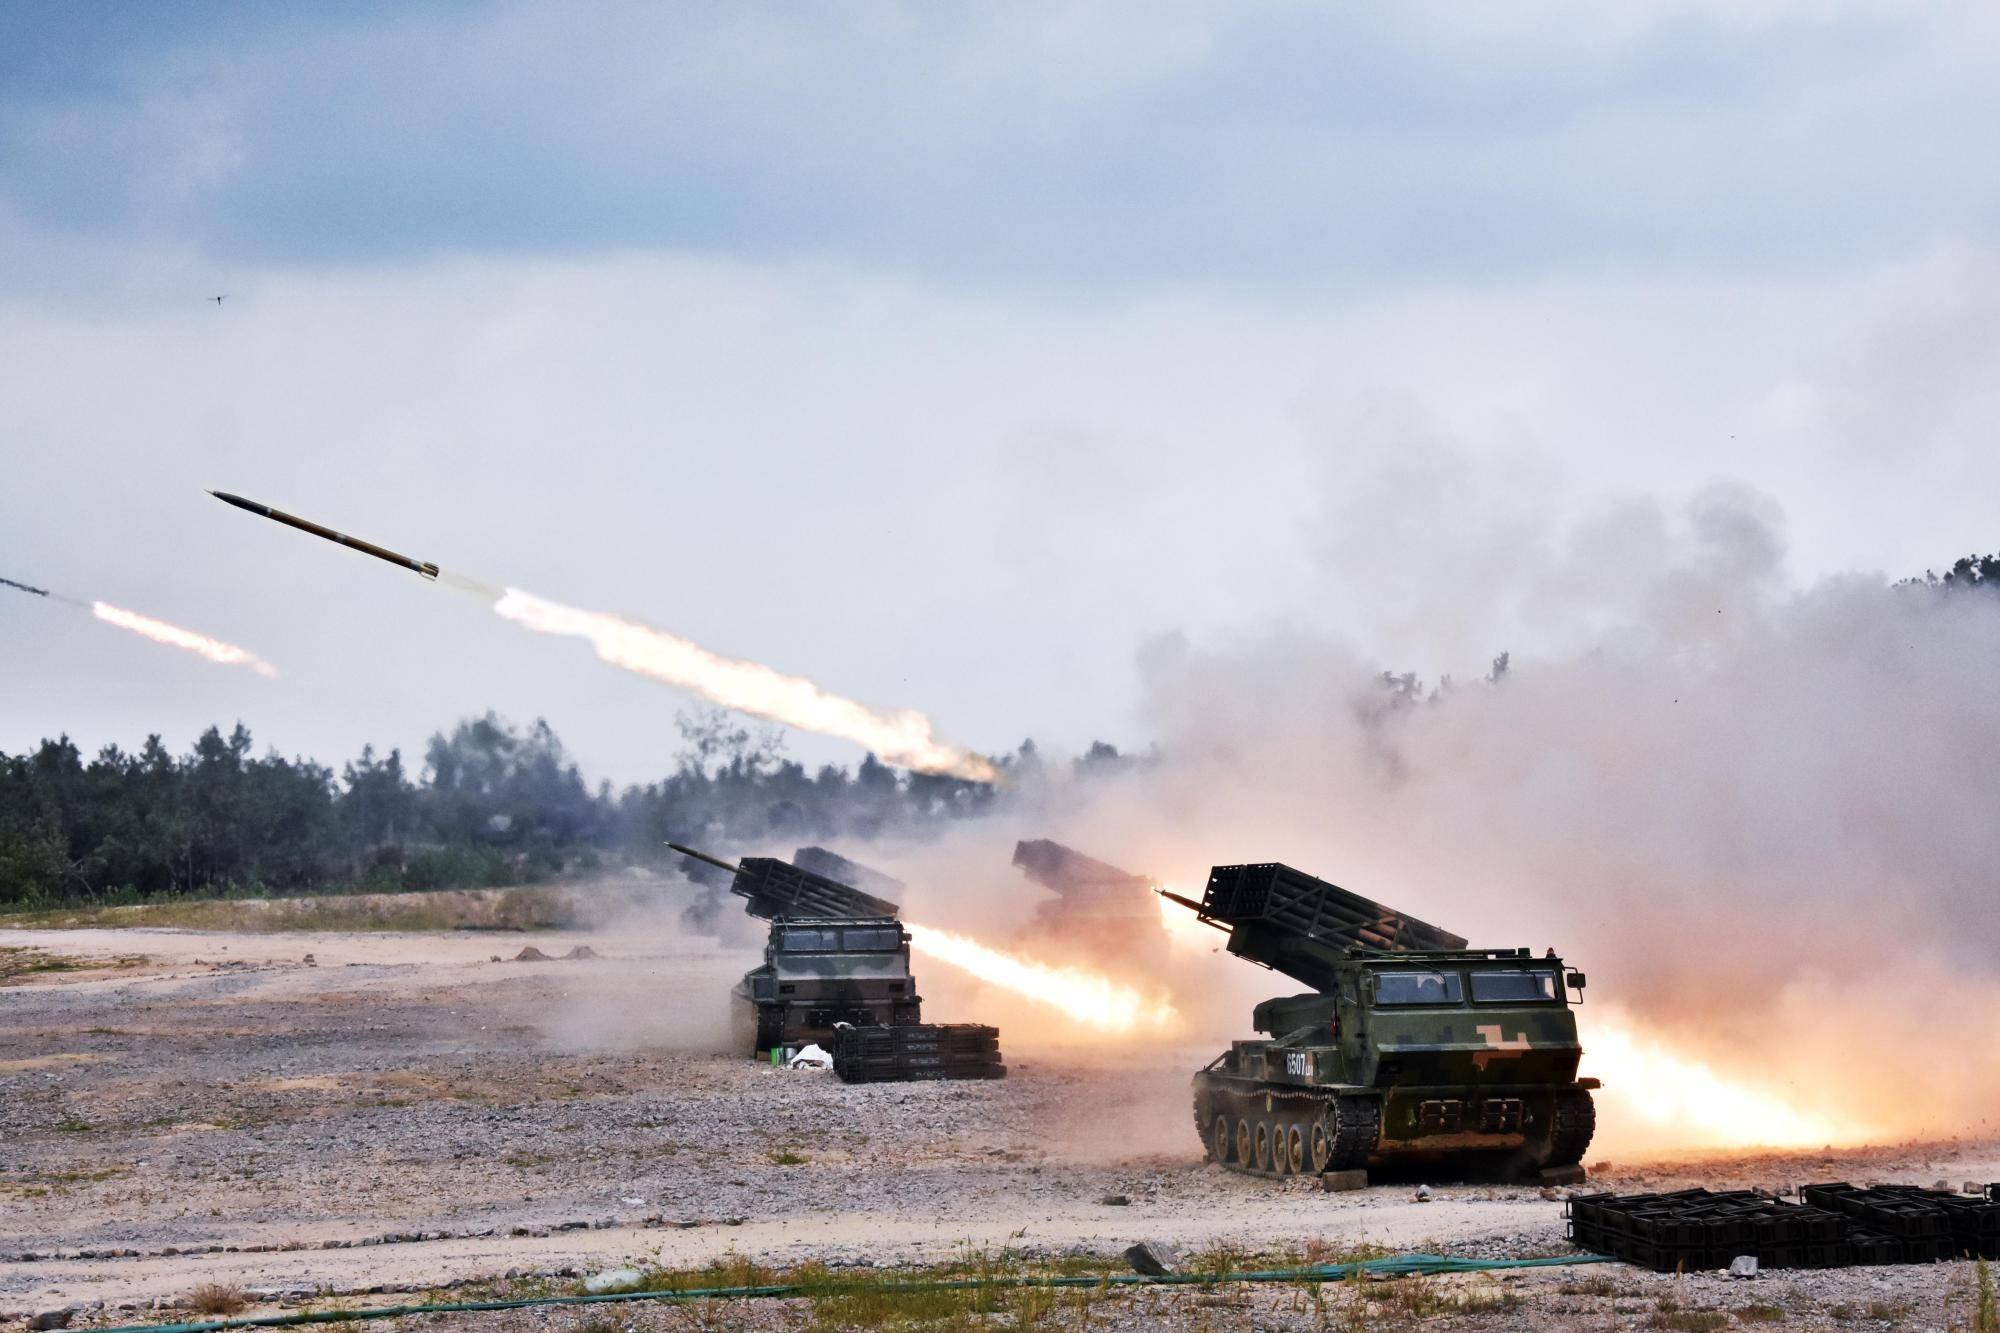 重炮2万门兵力13万 一次齐射消耗上千吨弹药 破坏力堪比原子弹